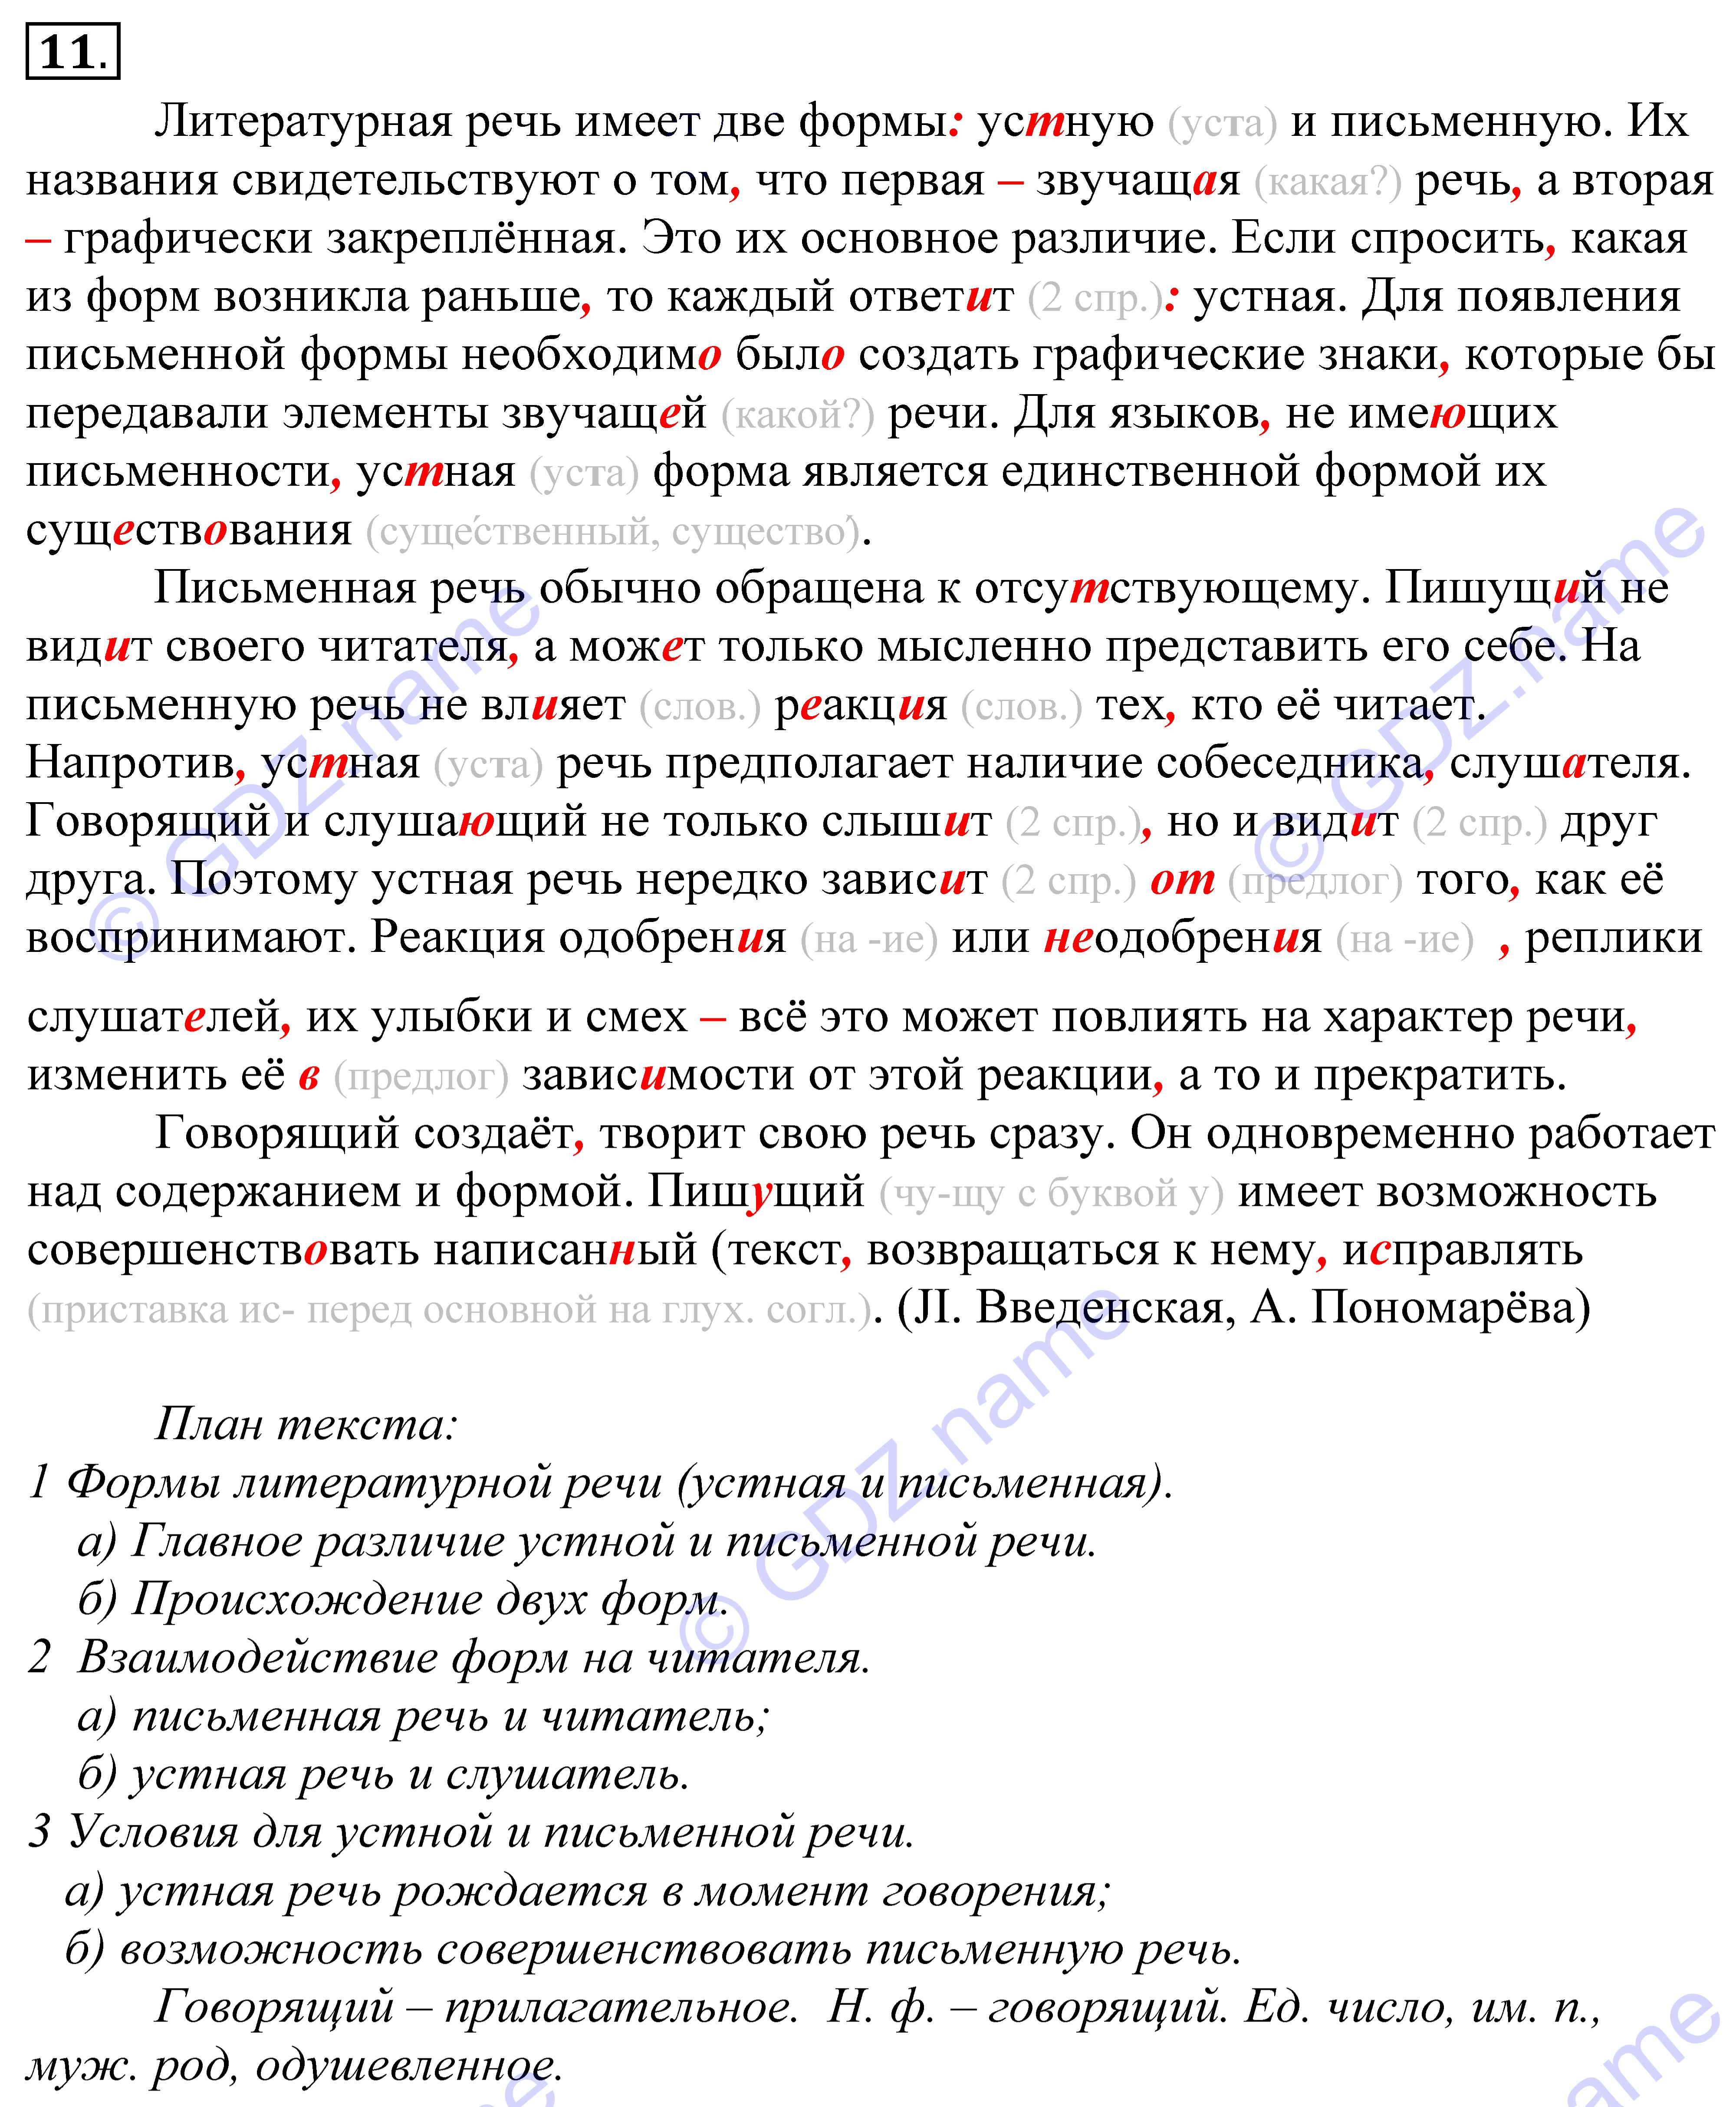 Русский язык 10-11 класс 2018 власенков скачать